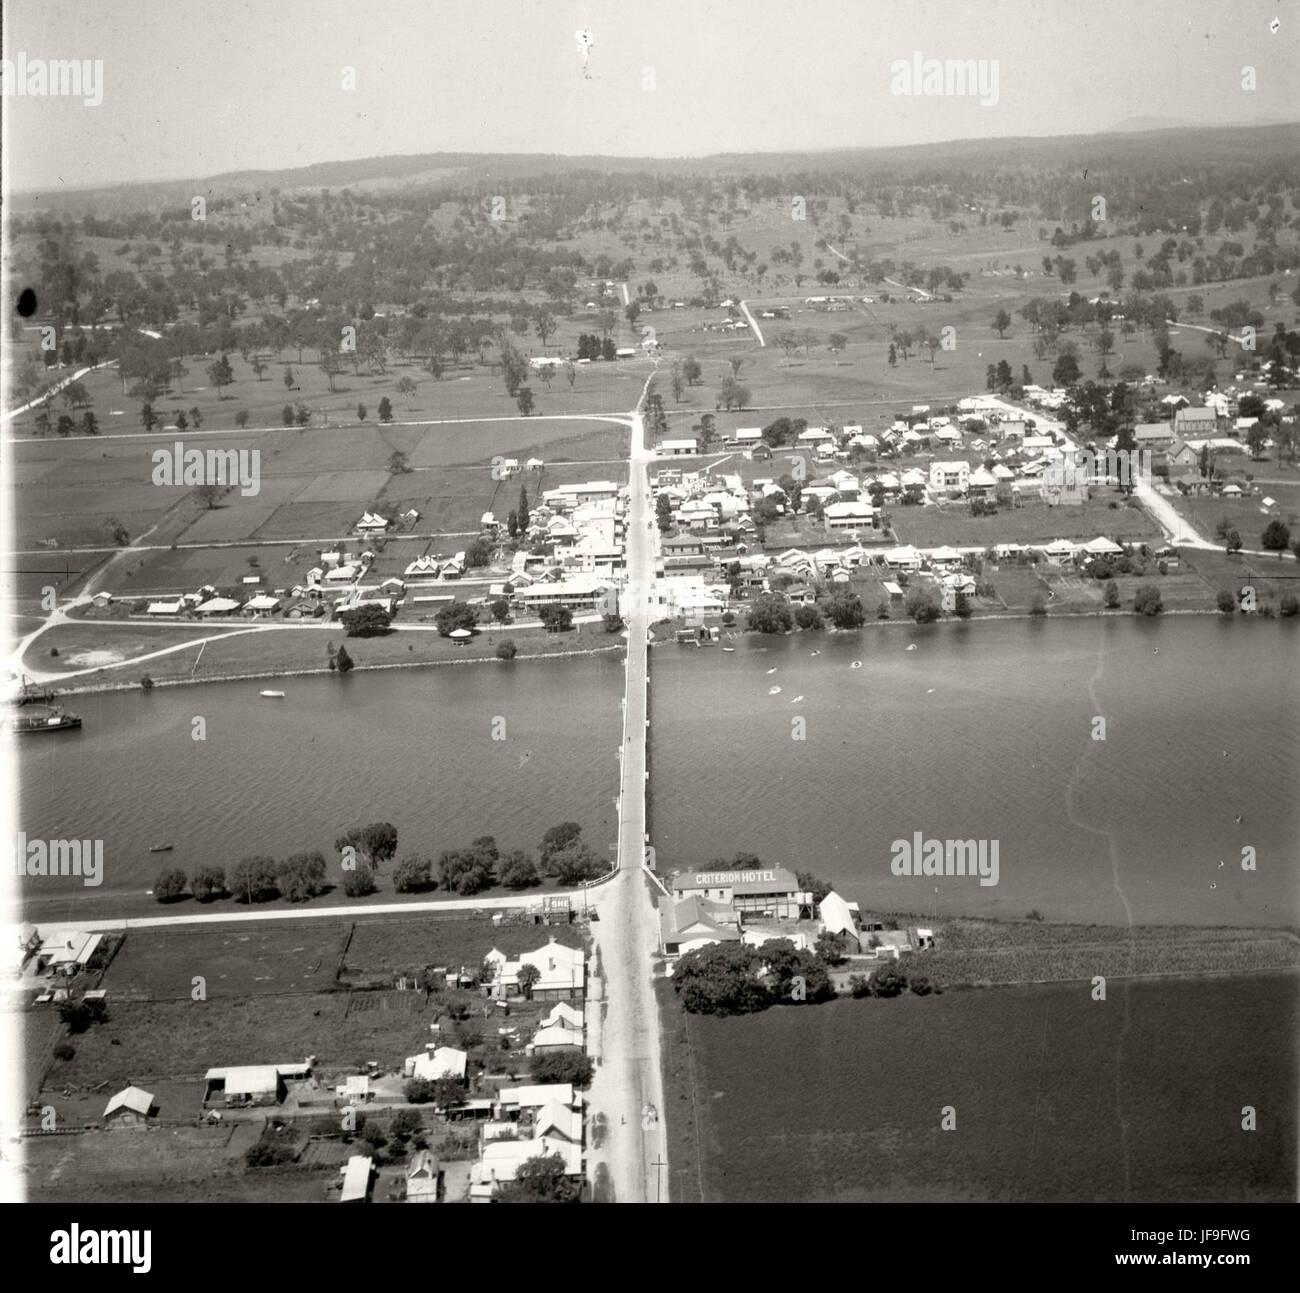 Moruya - 17 Nov 1937 30079674061 o - Stock Image